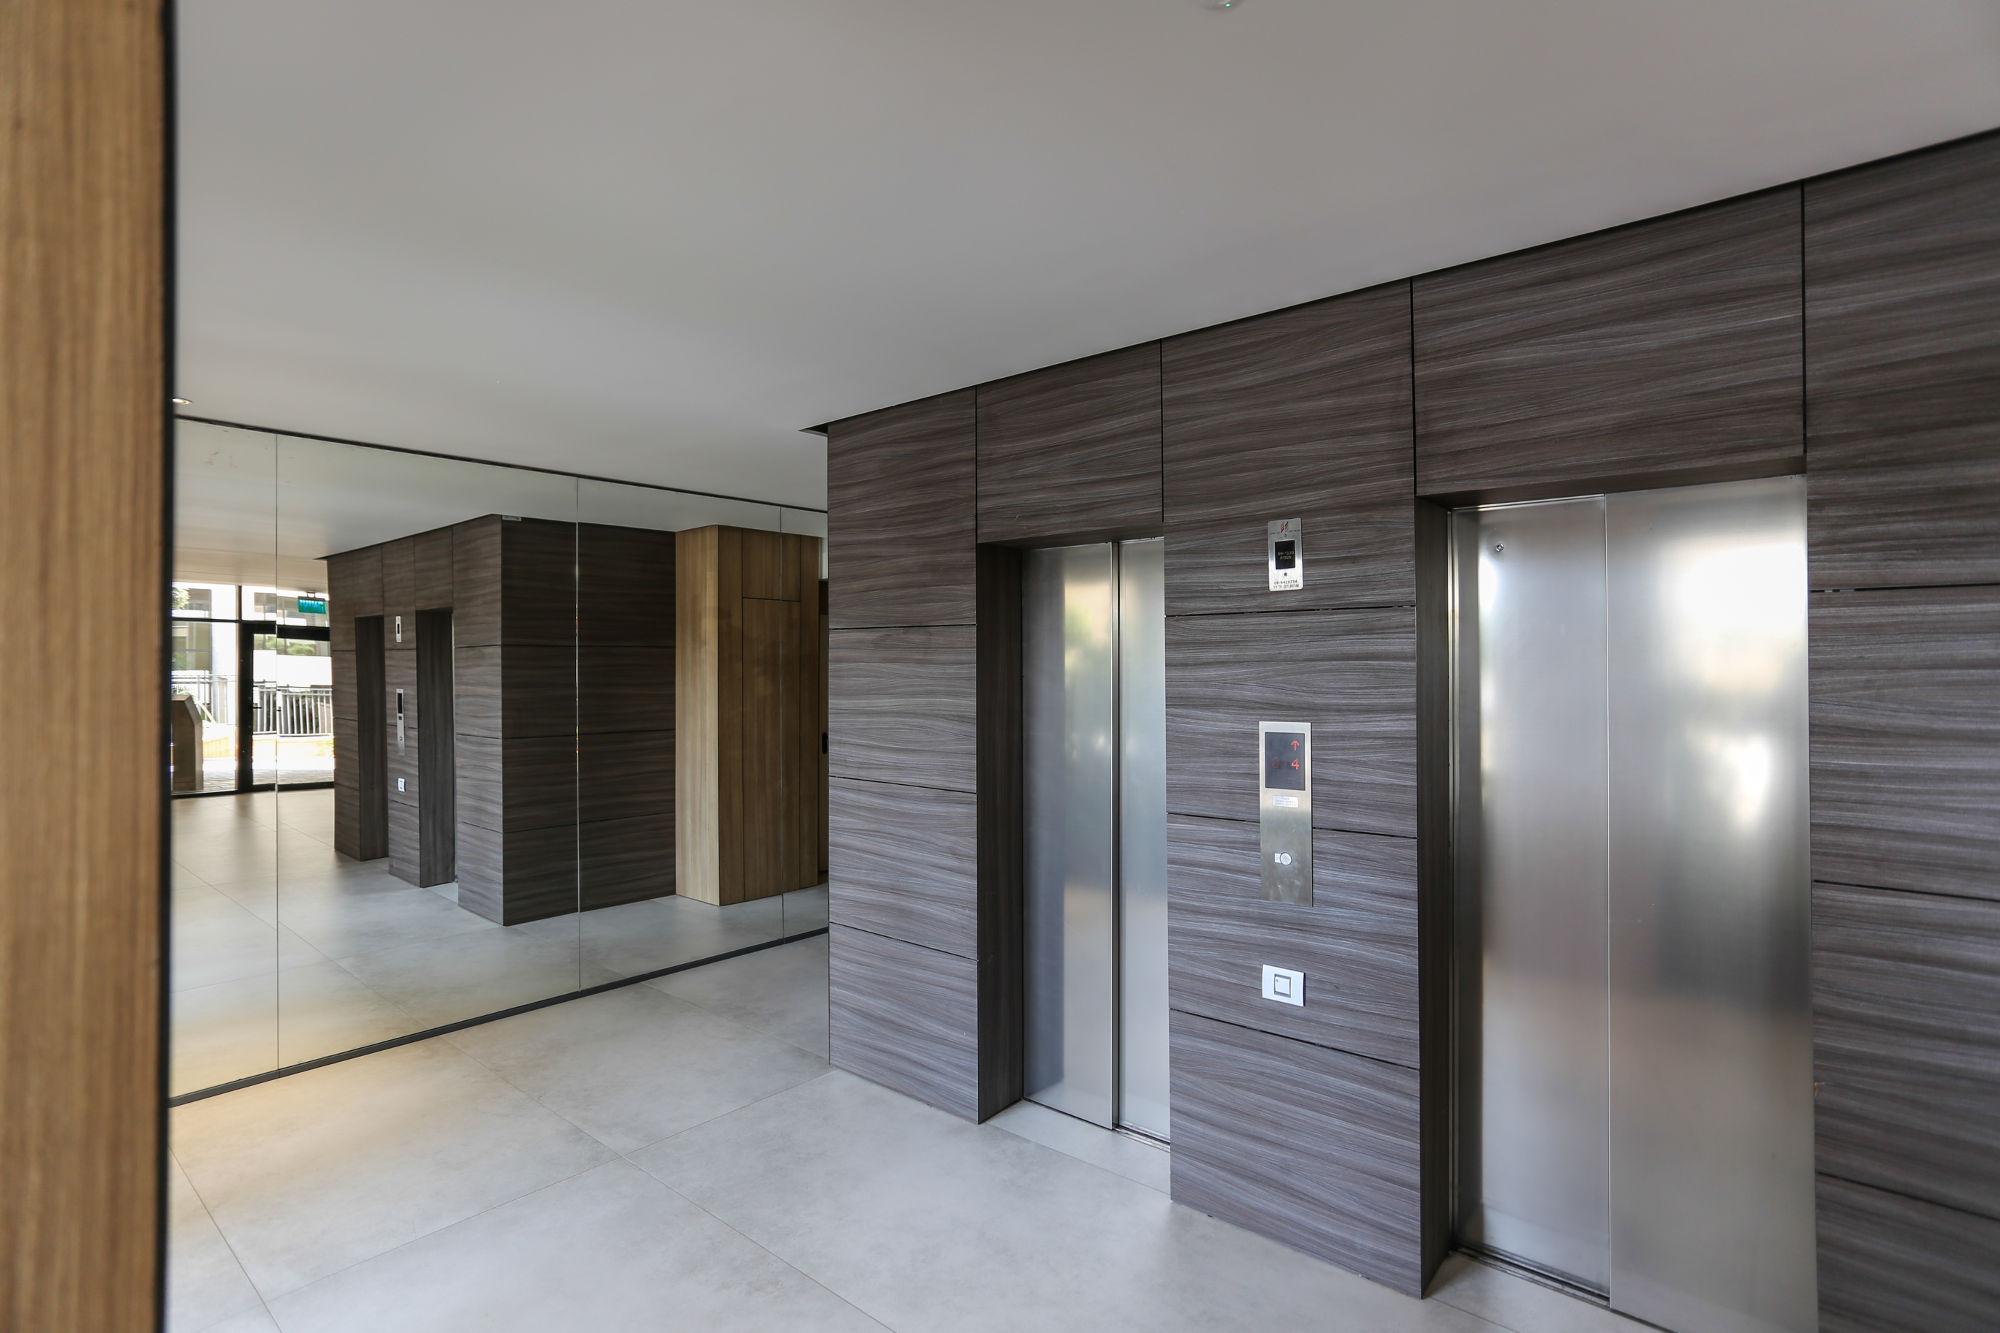 iargaman - מעליות חדשות בבניין מגורים